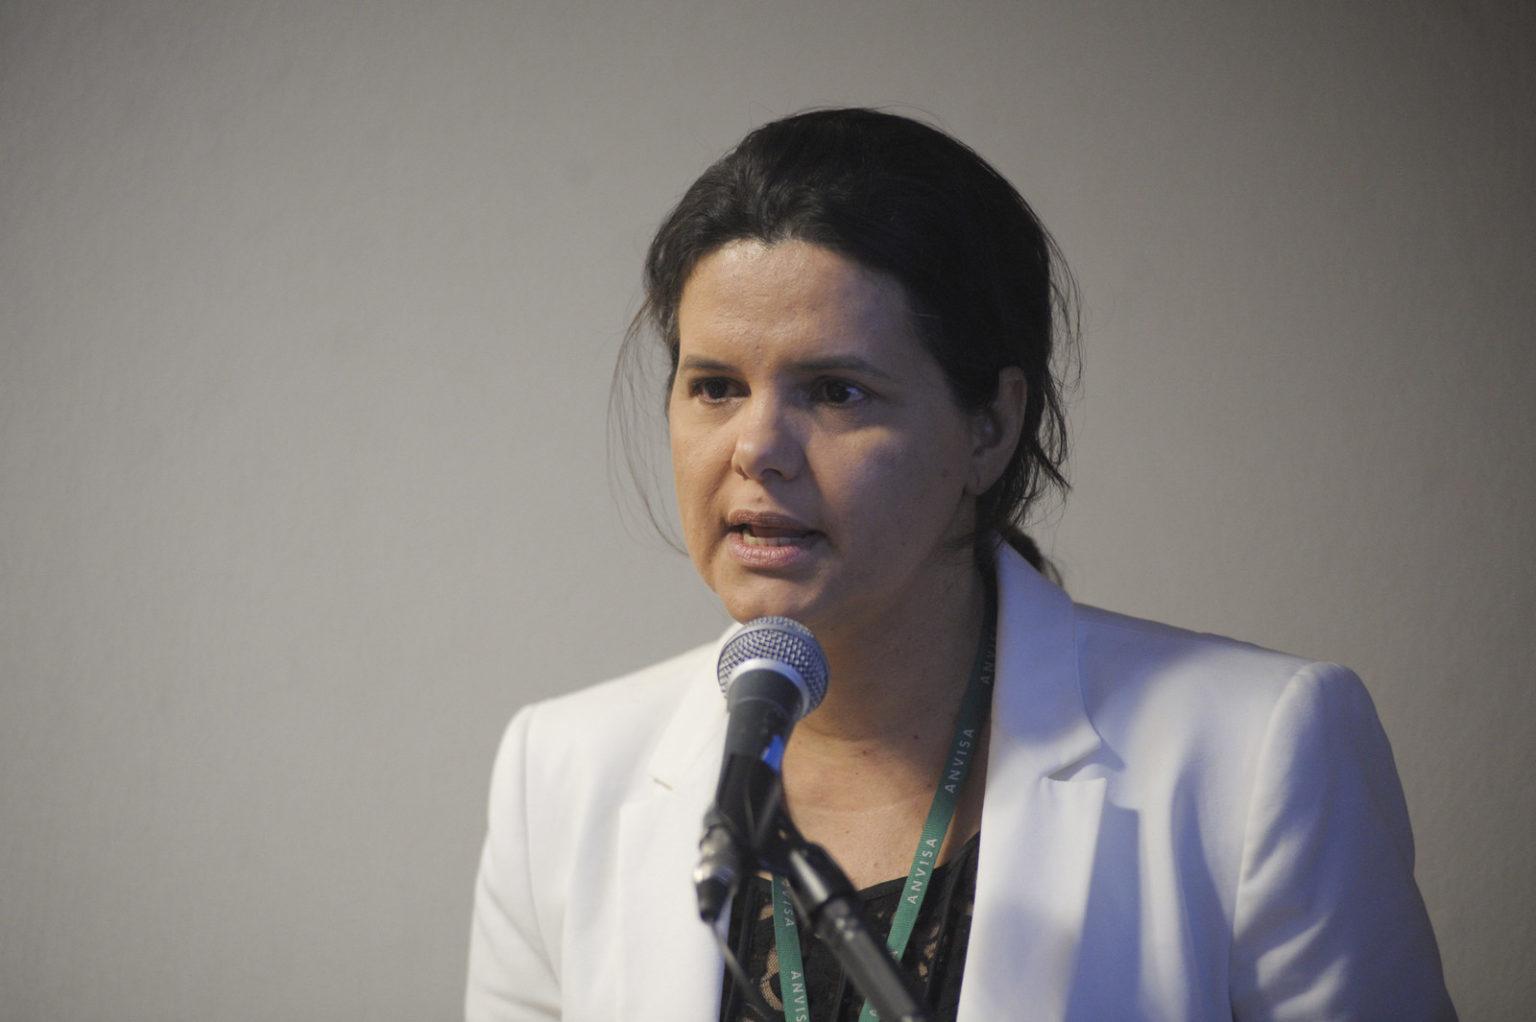 Meiruze Sousa Freitas, uma das diretoras da Anvisa, também foi voto vencido. Ela argumentou por adiar a proibição até 2021, conforme pedido pelos fabricantes e produtores rurais (Pedro França/Agência Senado)